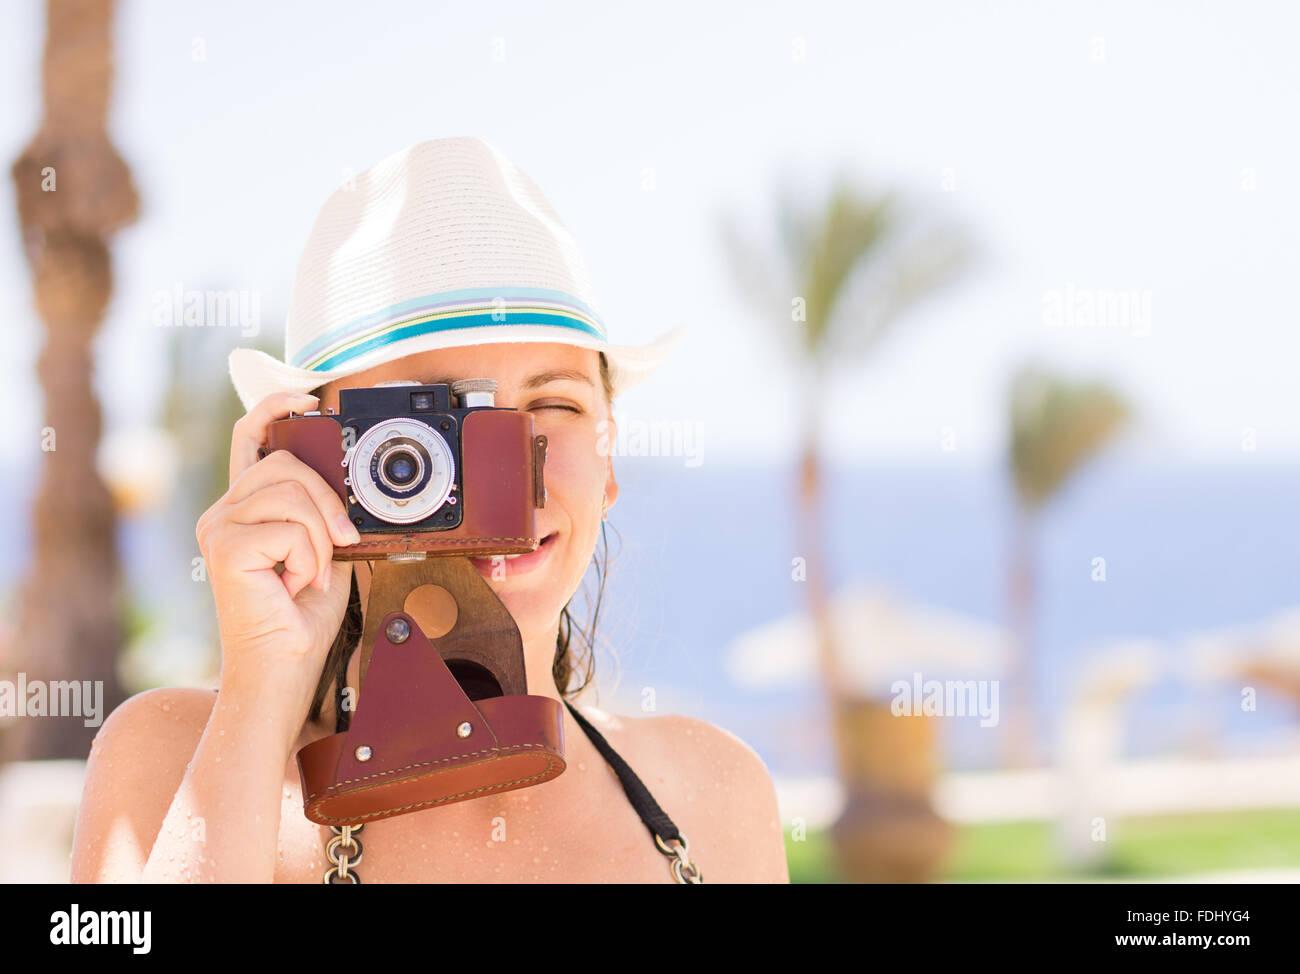 Joven tomando fotos con la cámara de película antigua en las vacaciones de verano. Vacaciones Turismo Imagen De Stock